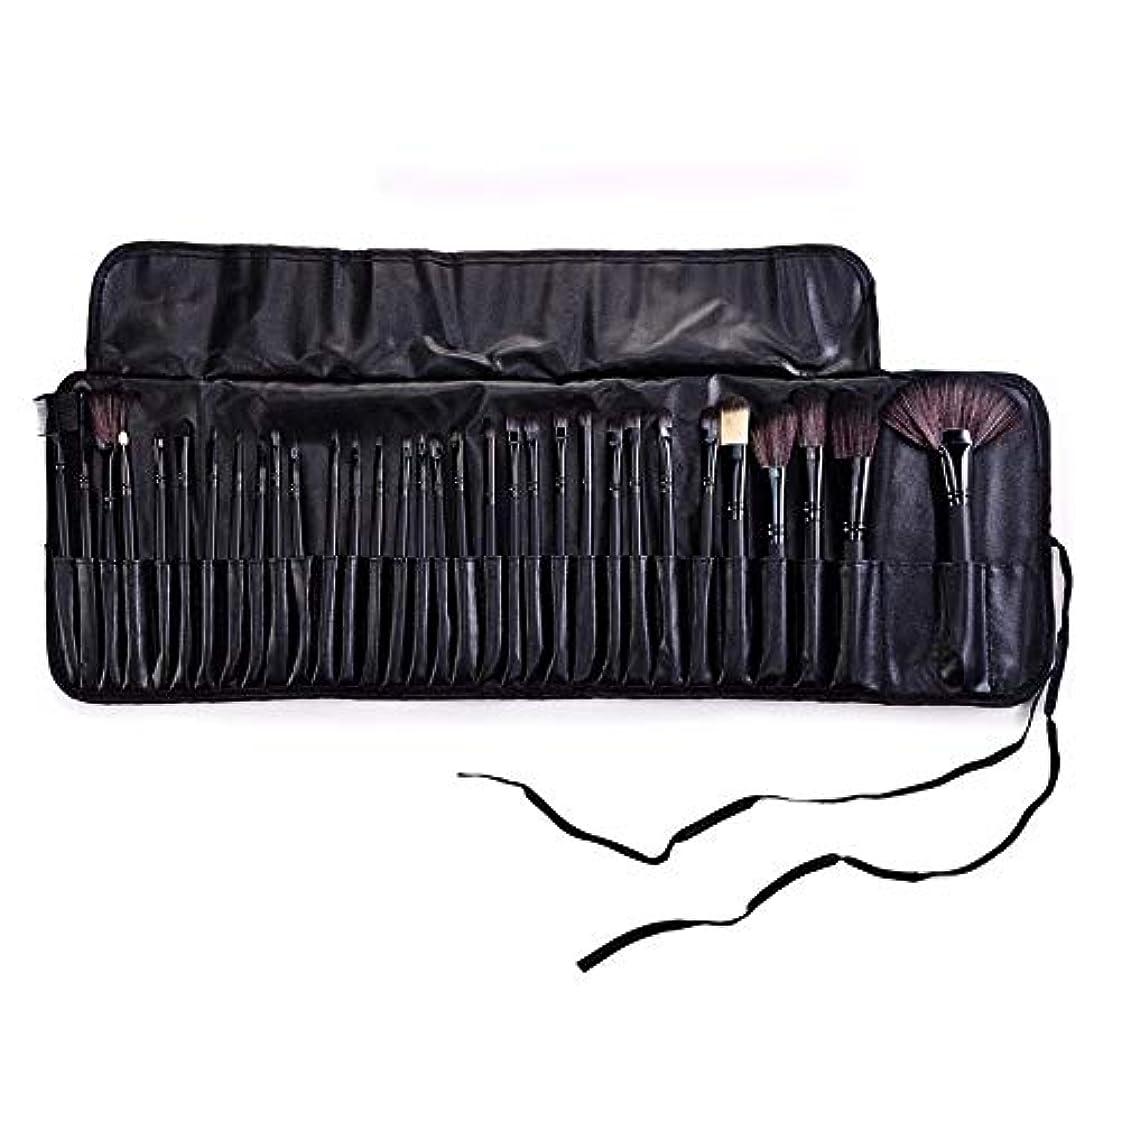 スカープ幅丘Makeup brushes ブラックバッグ32メイクブラシセットモダンな合成アイシャドウアイライナー液化ファンデーションコンシーラーミキシングブラシセット suits (Color : Black)